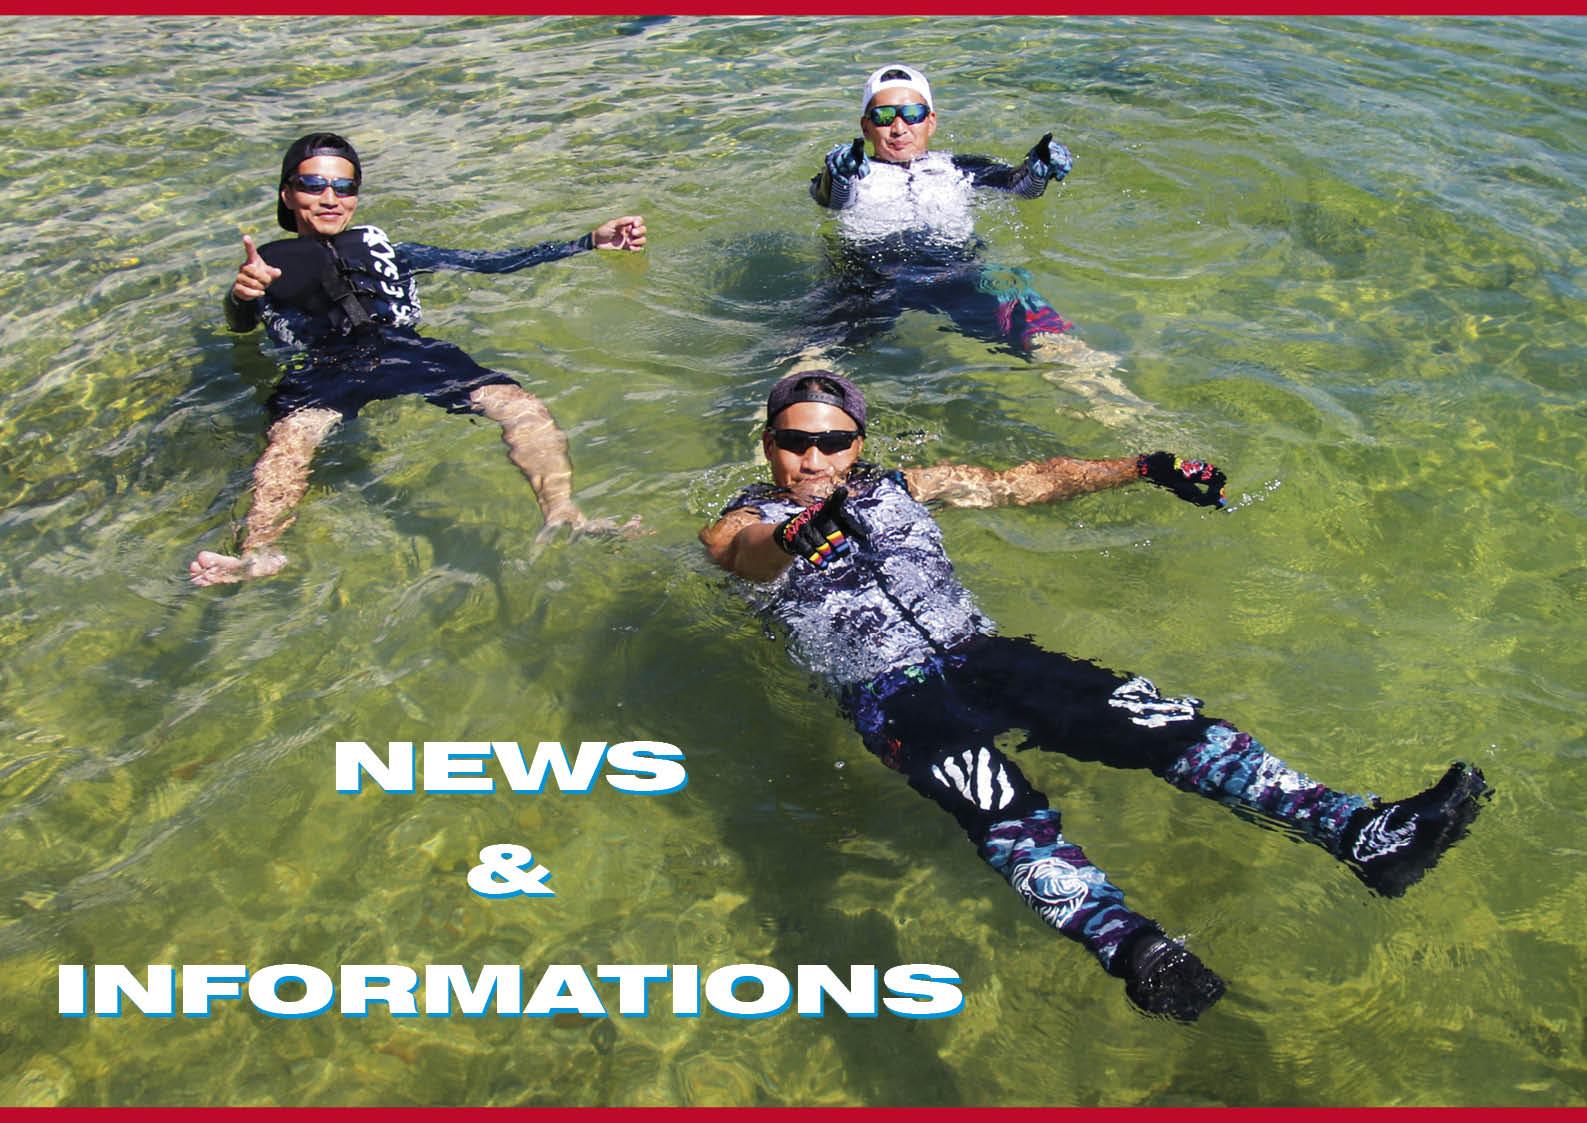 海と日本プロジェクト 『海のそなえ 2021 オーシャンセーフティファッションショー』が、7月10日に開催されます 水上バイク(ジェットスキー)